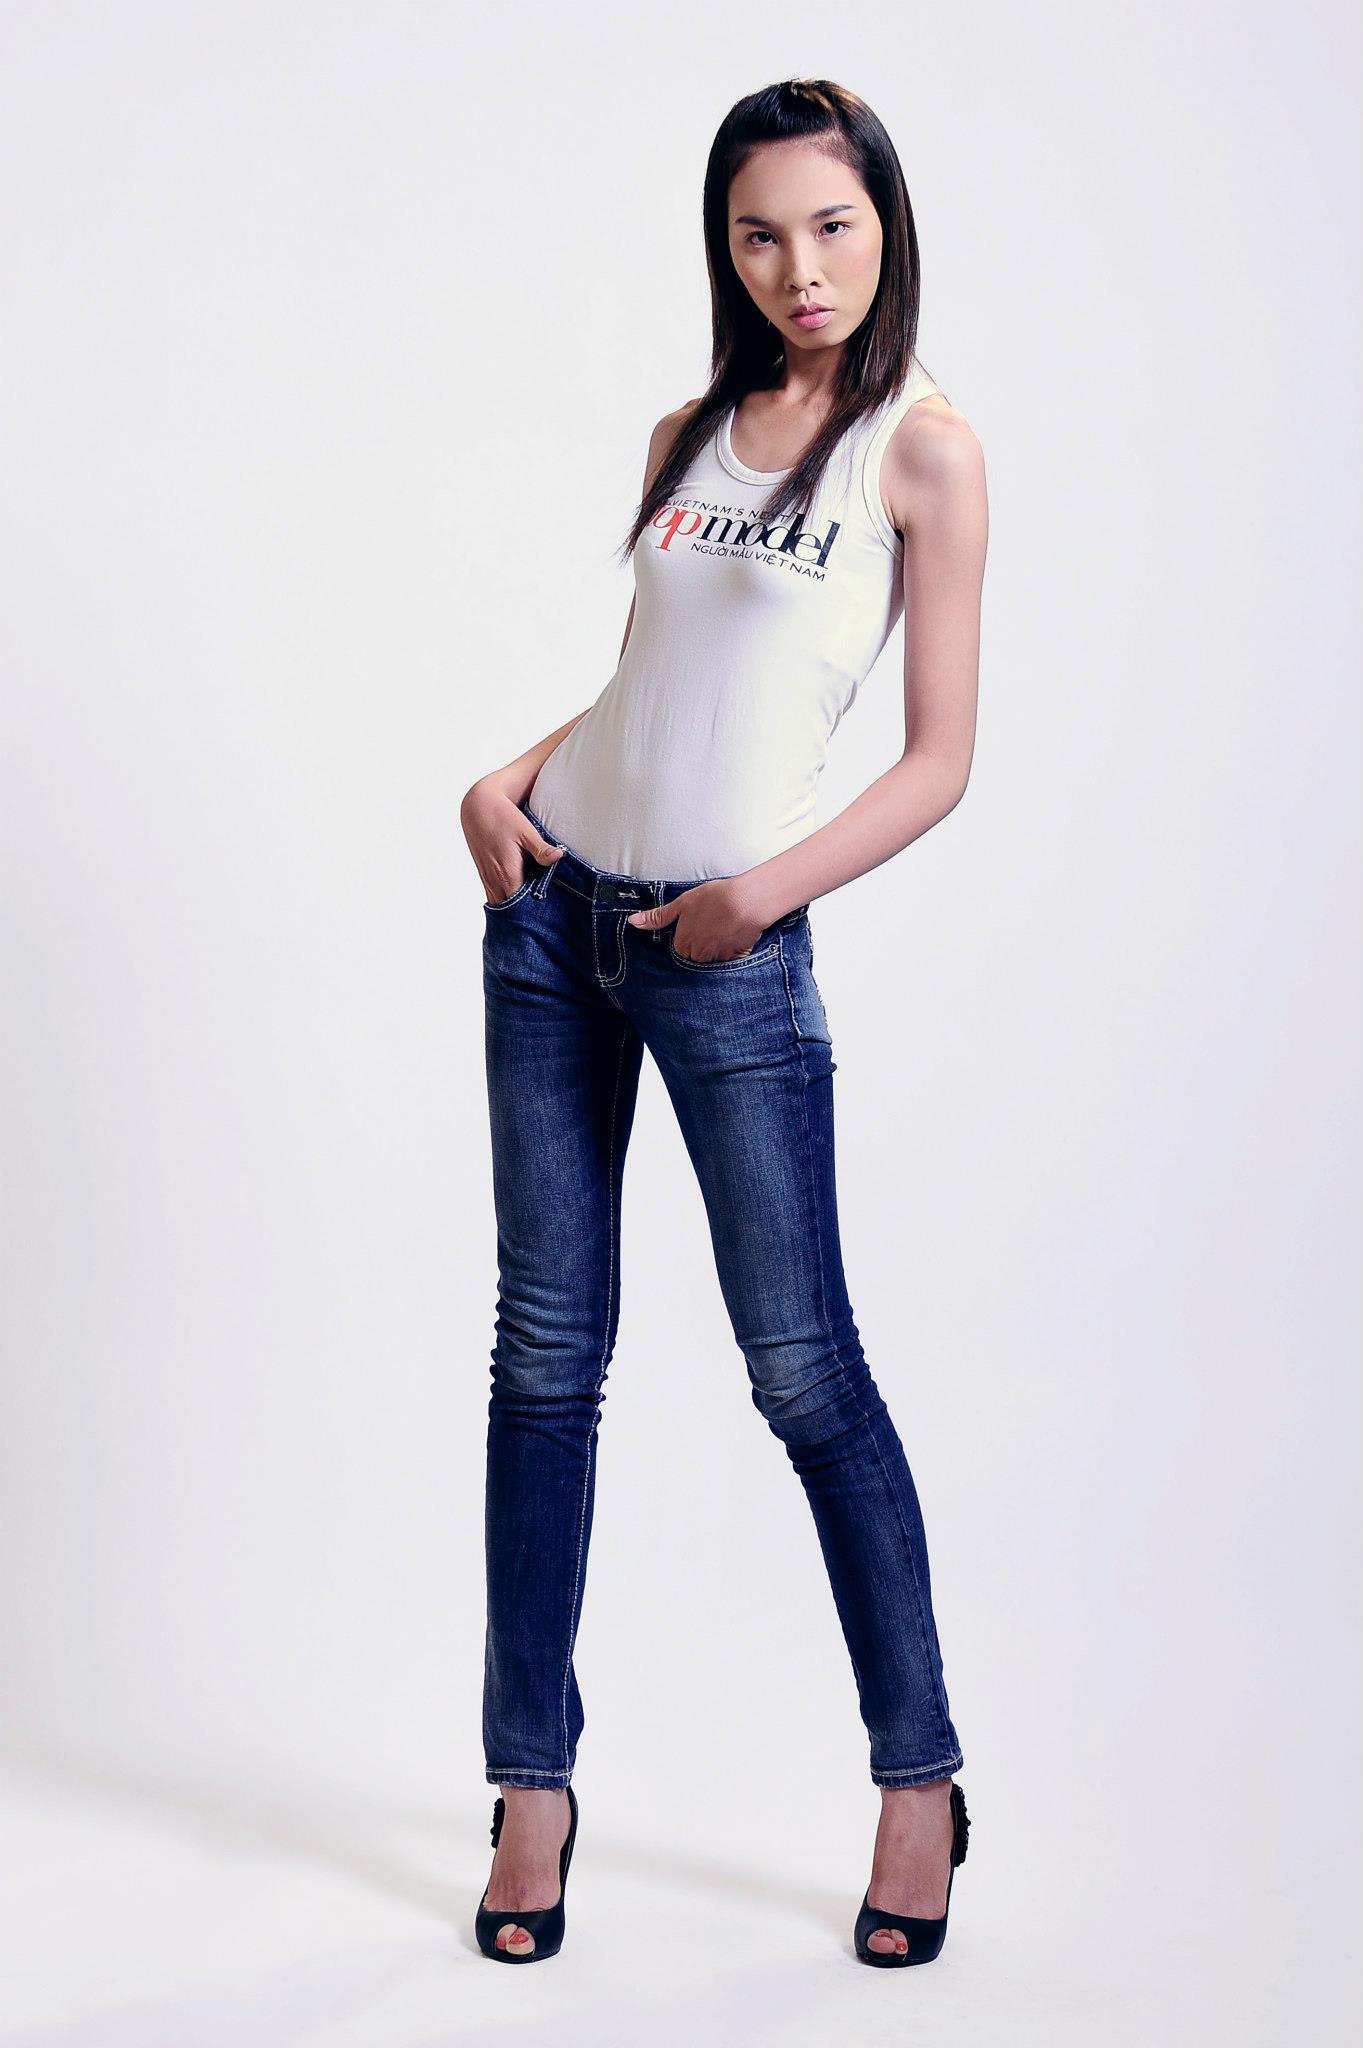 Mặc đồng phục, đeo dép lê đi thi Vietnams Next Top Model, cô gái này đã có màn lột xác ngoạn mục 1 năm sau đó! - Ảnh 9.